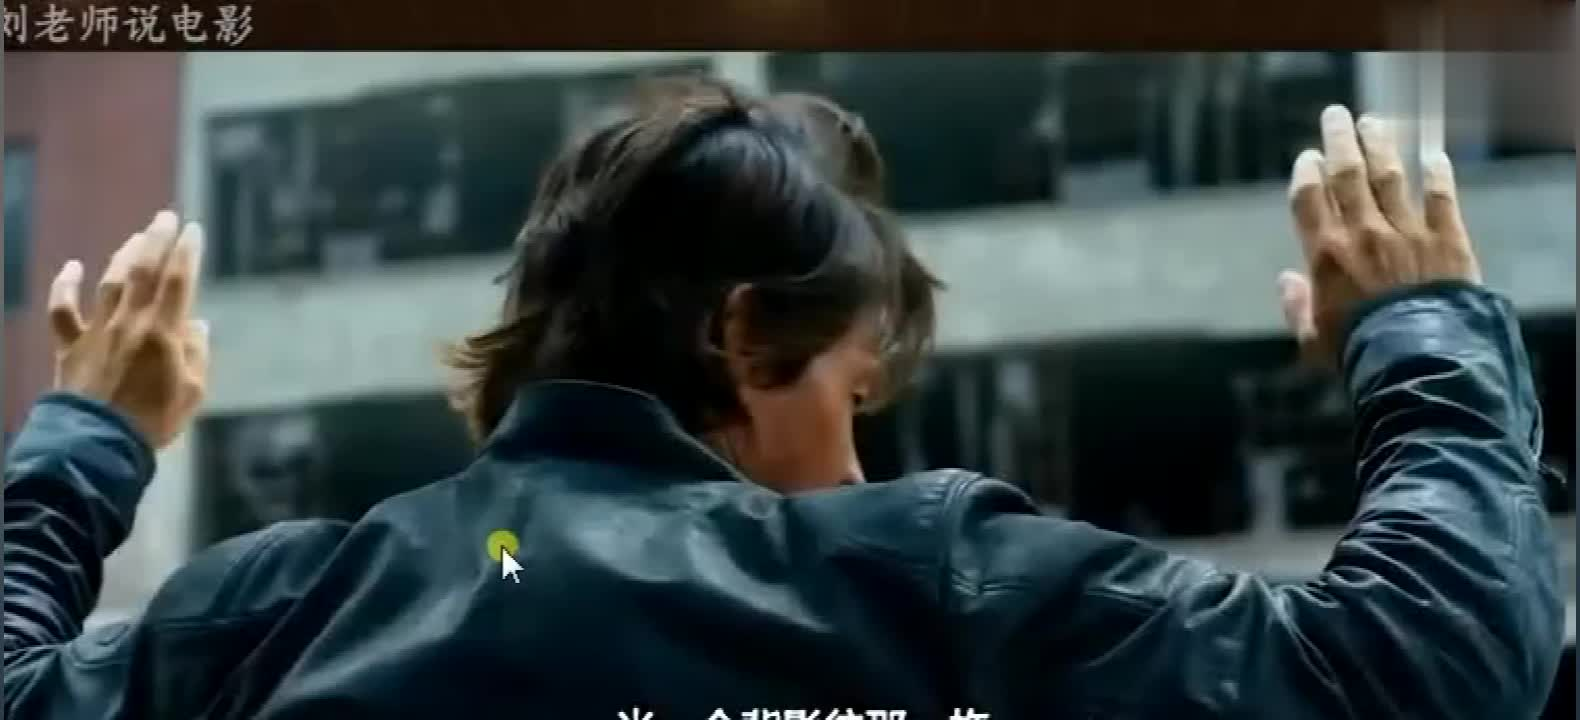 #电影最前线#《刘老师说电影》逆天吐槽《变形金刚5:最后的骑士》